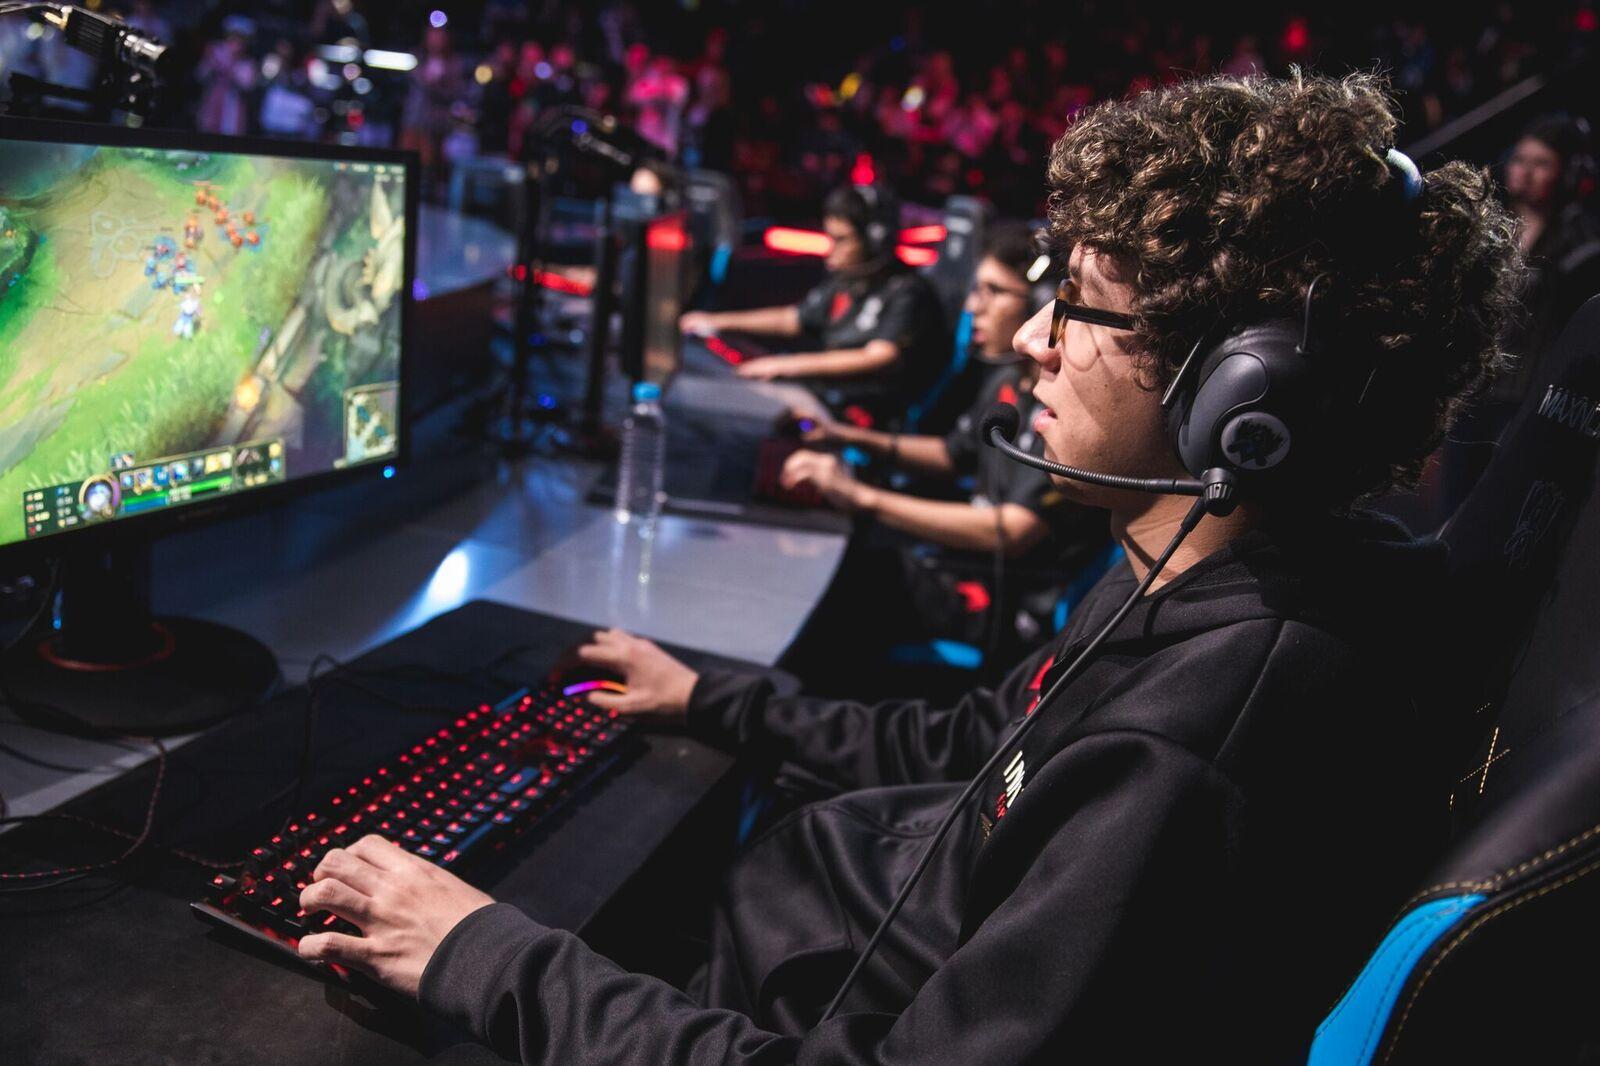 El futuro de los eSports ¿Hacia dónde evolucionarán?